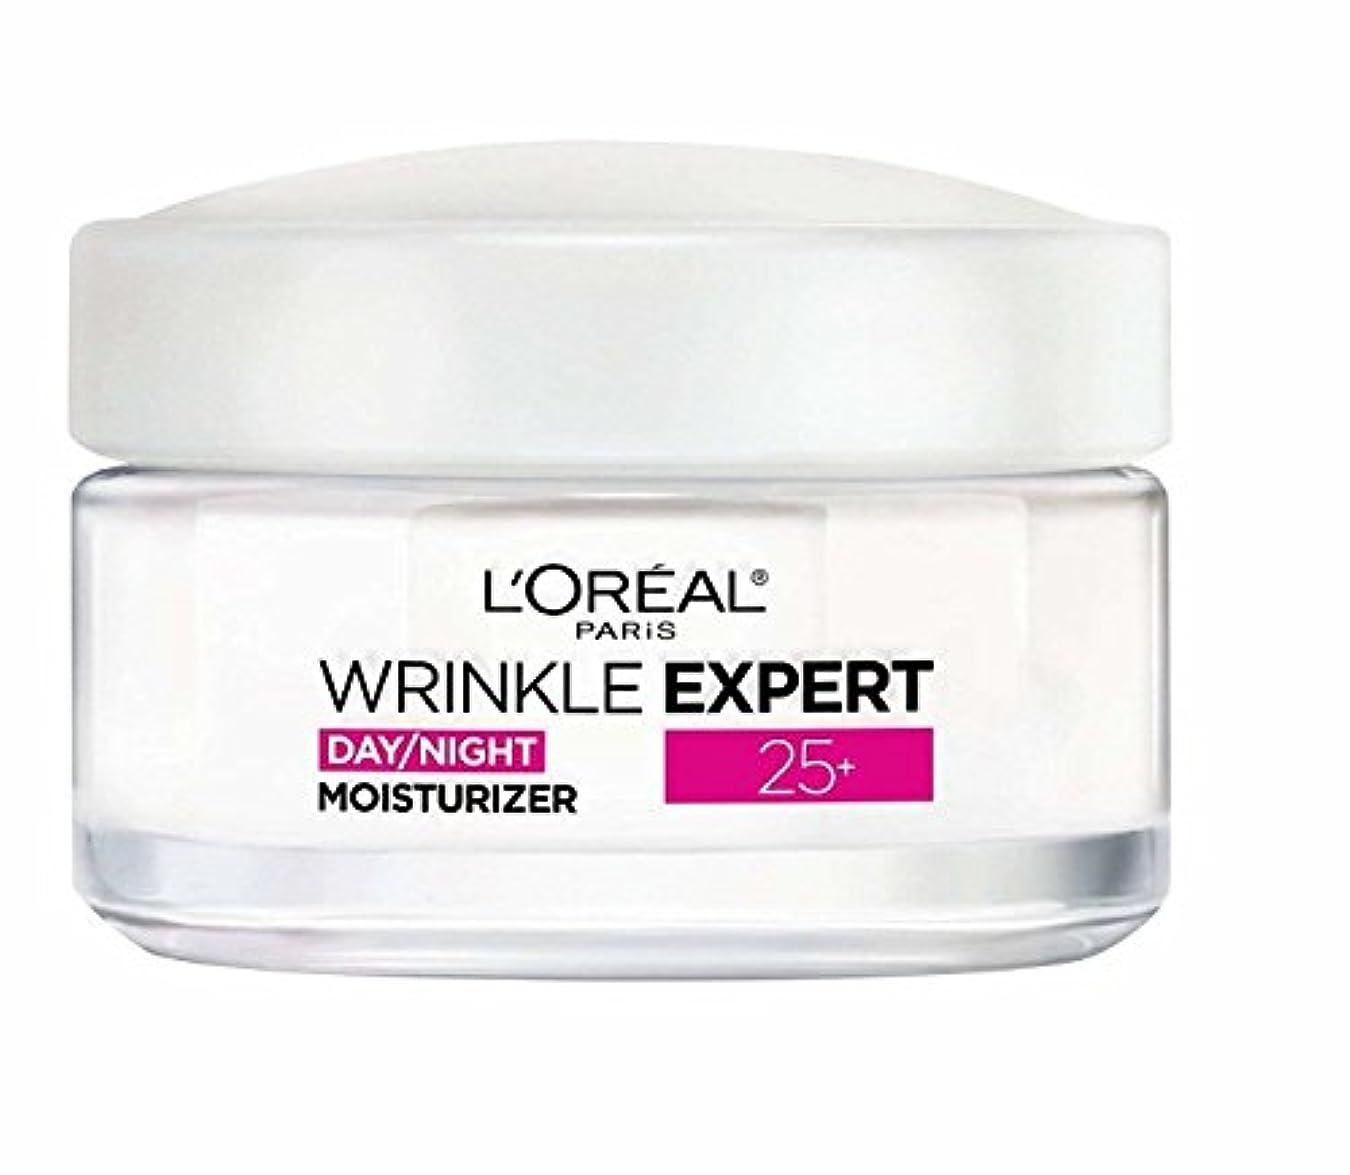 ストライク病弱鬼ごっこロレアル Wrinkle Expert 25+ Day/Night Moisturizer 50ml/1.7oz並行輸入品